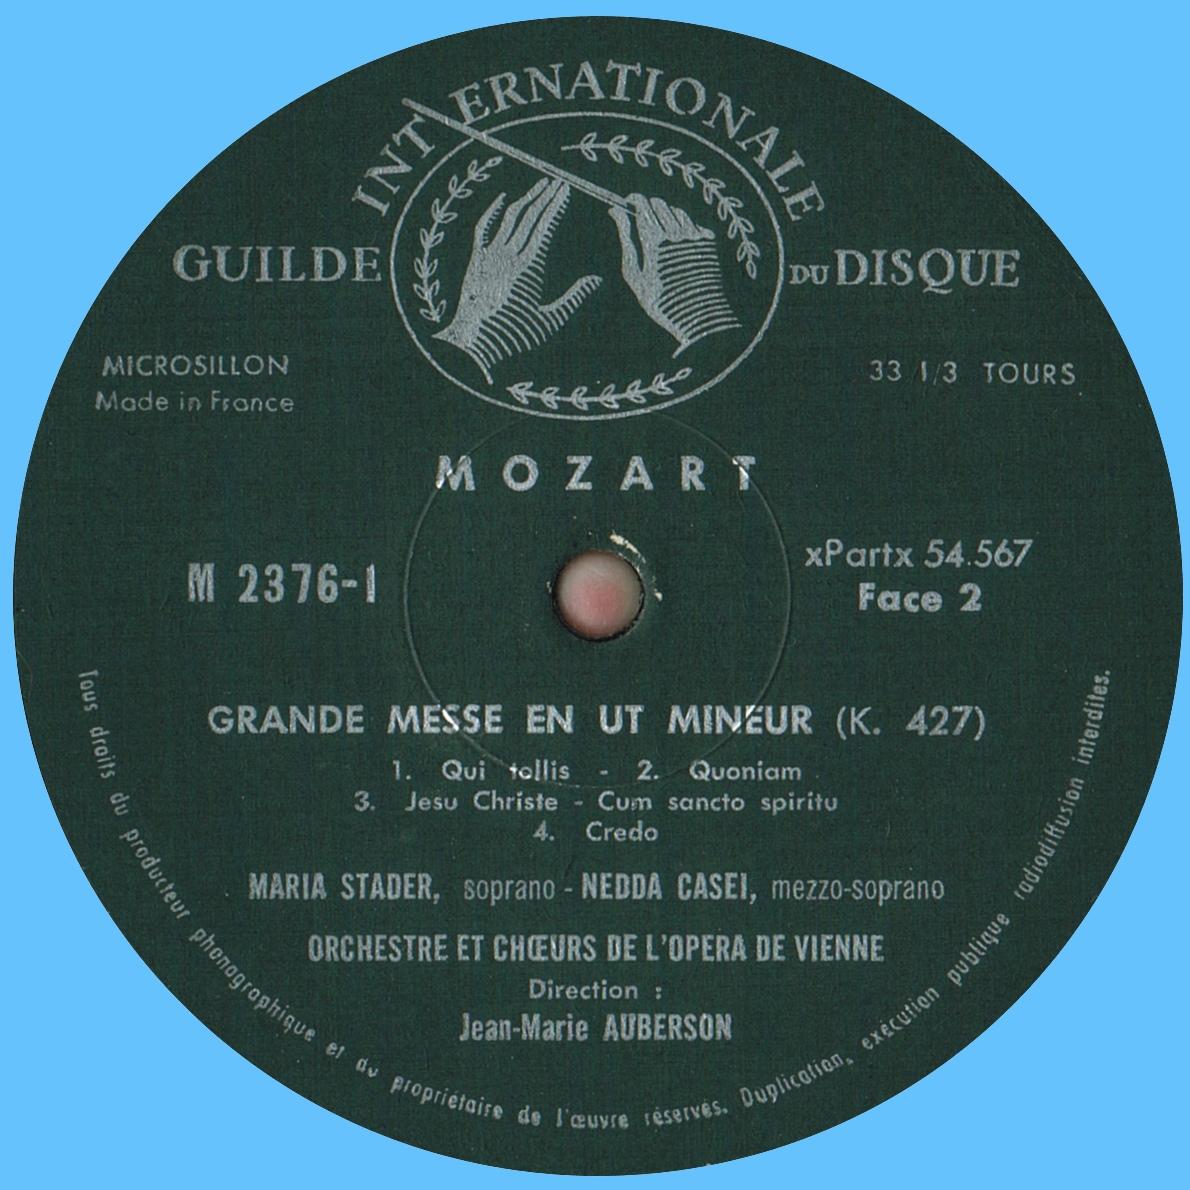 Étiquette verso du 1er disque de l'album Musical Masterpiece Society MMS 2376